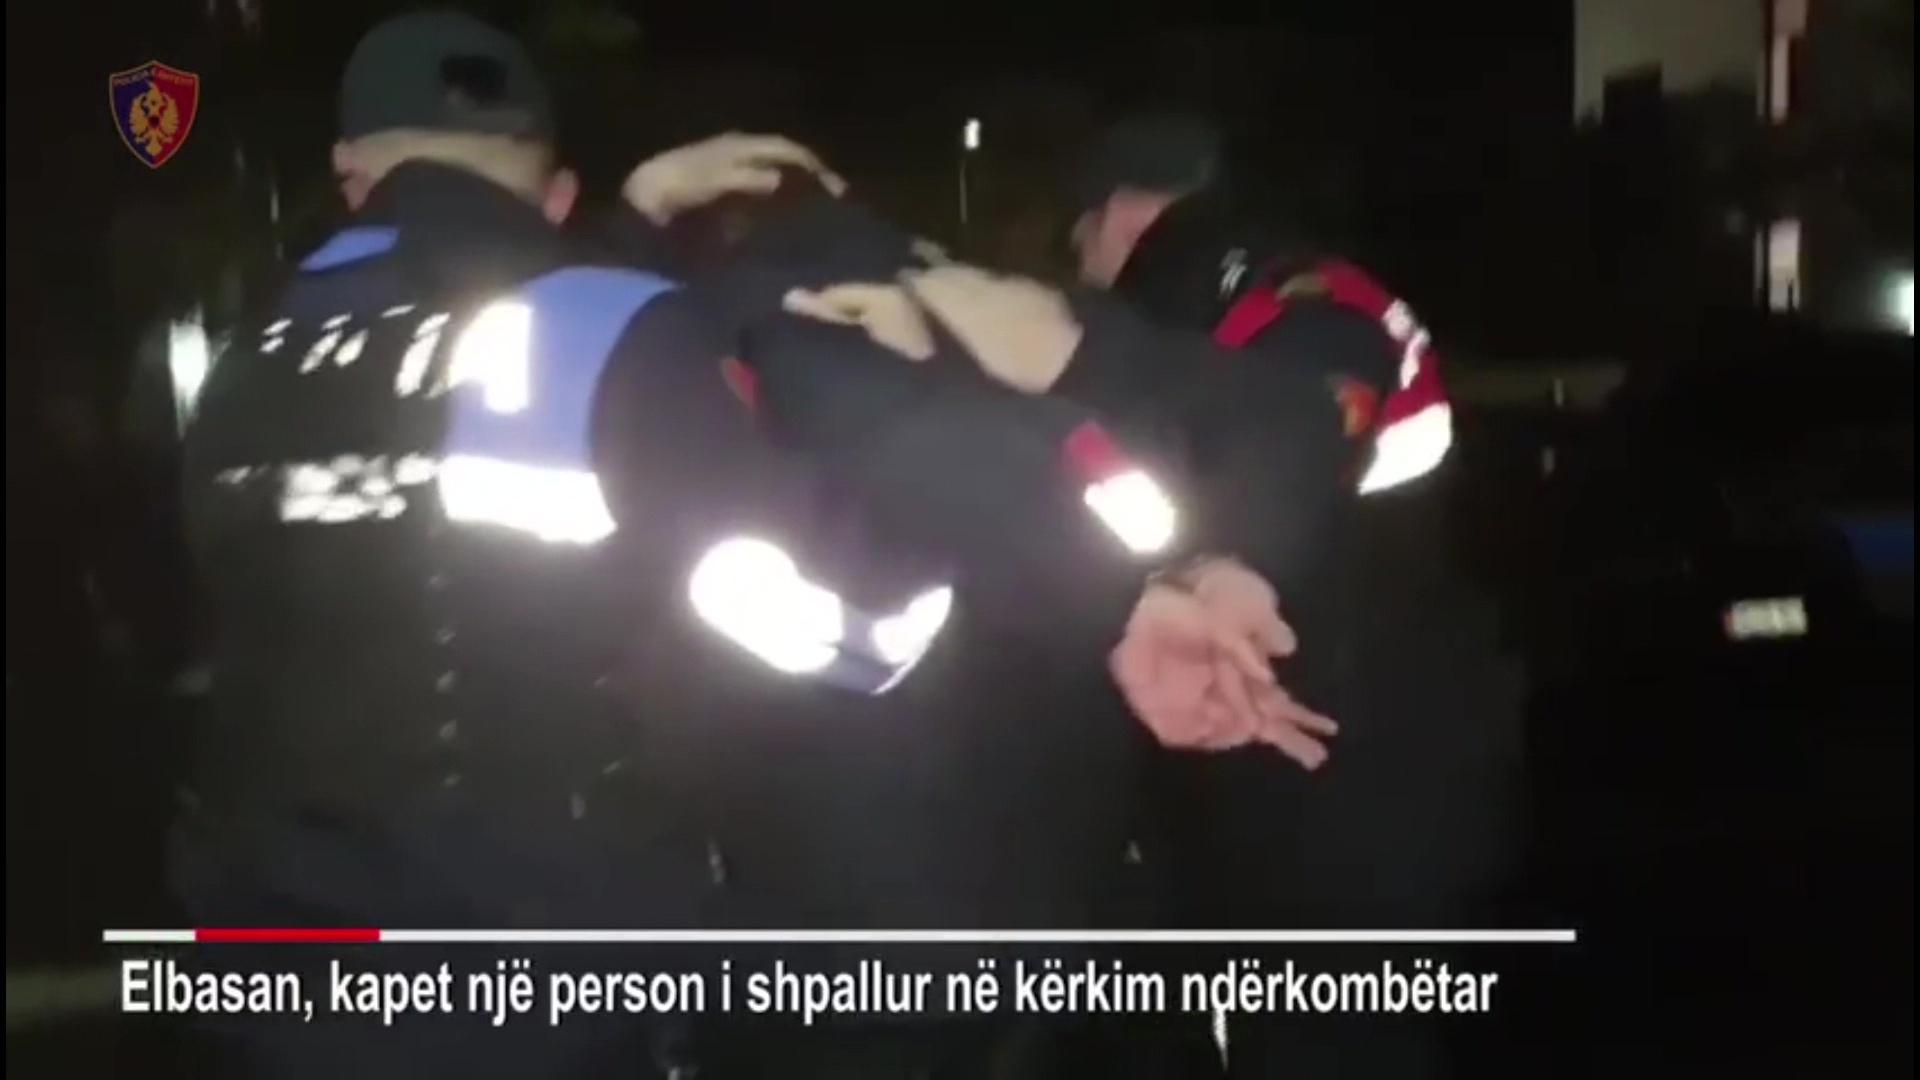 Elbasan, kapet në i shumëkërkuari me 3 emra, i dënuar për prostitucion